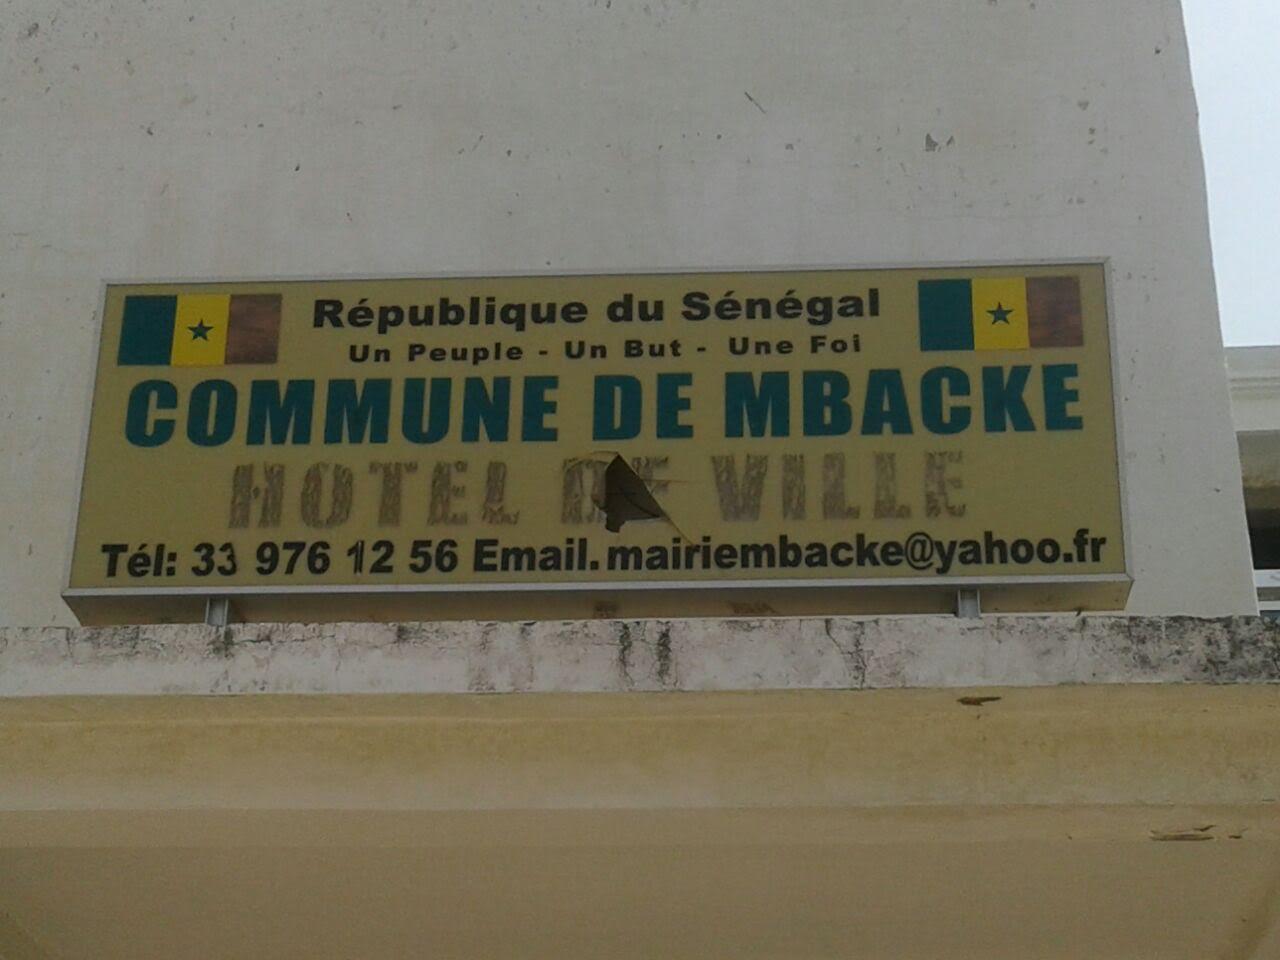 MAIRIE DE MBACKÉ - Arrêt total du travail... Retard de salaires... Absence de communication du maire.